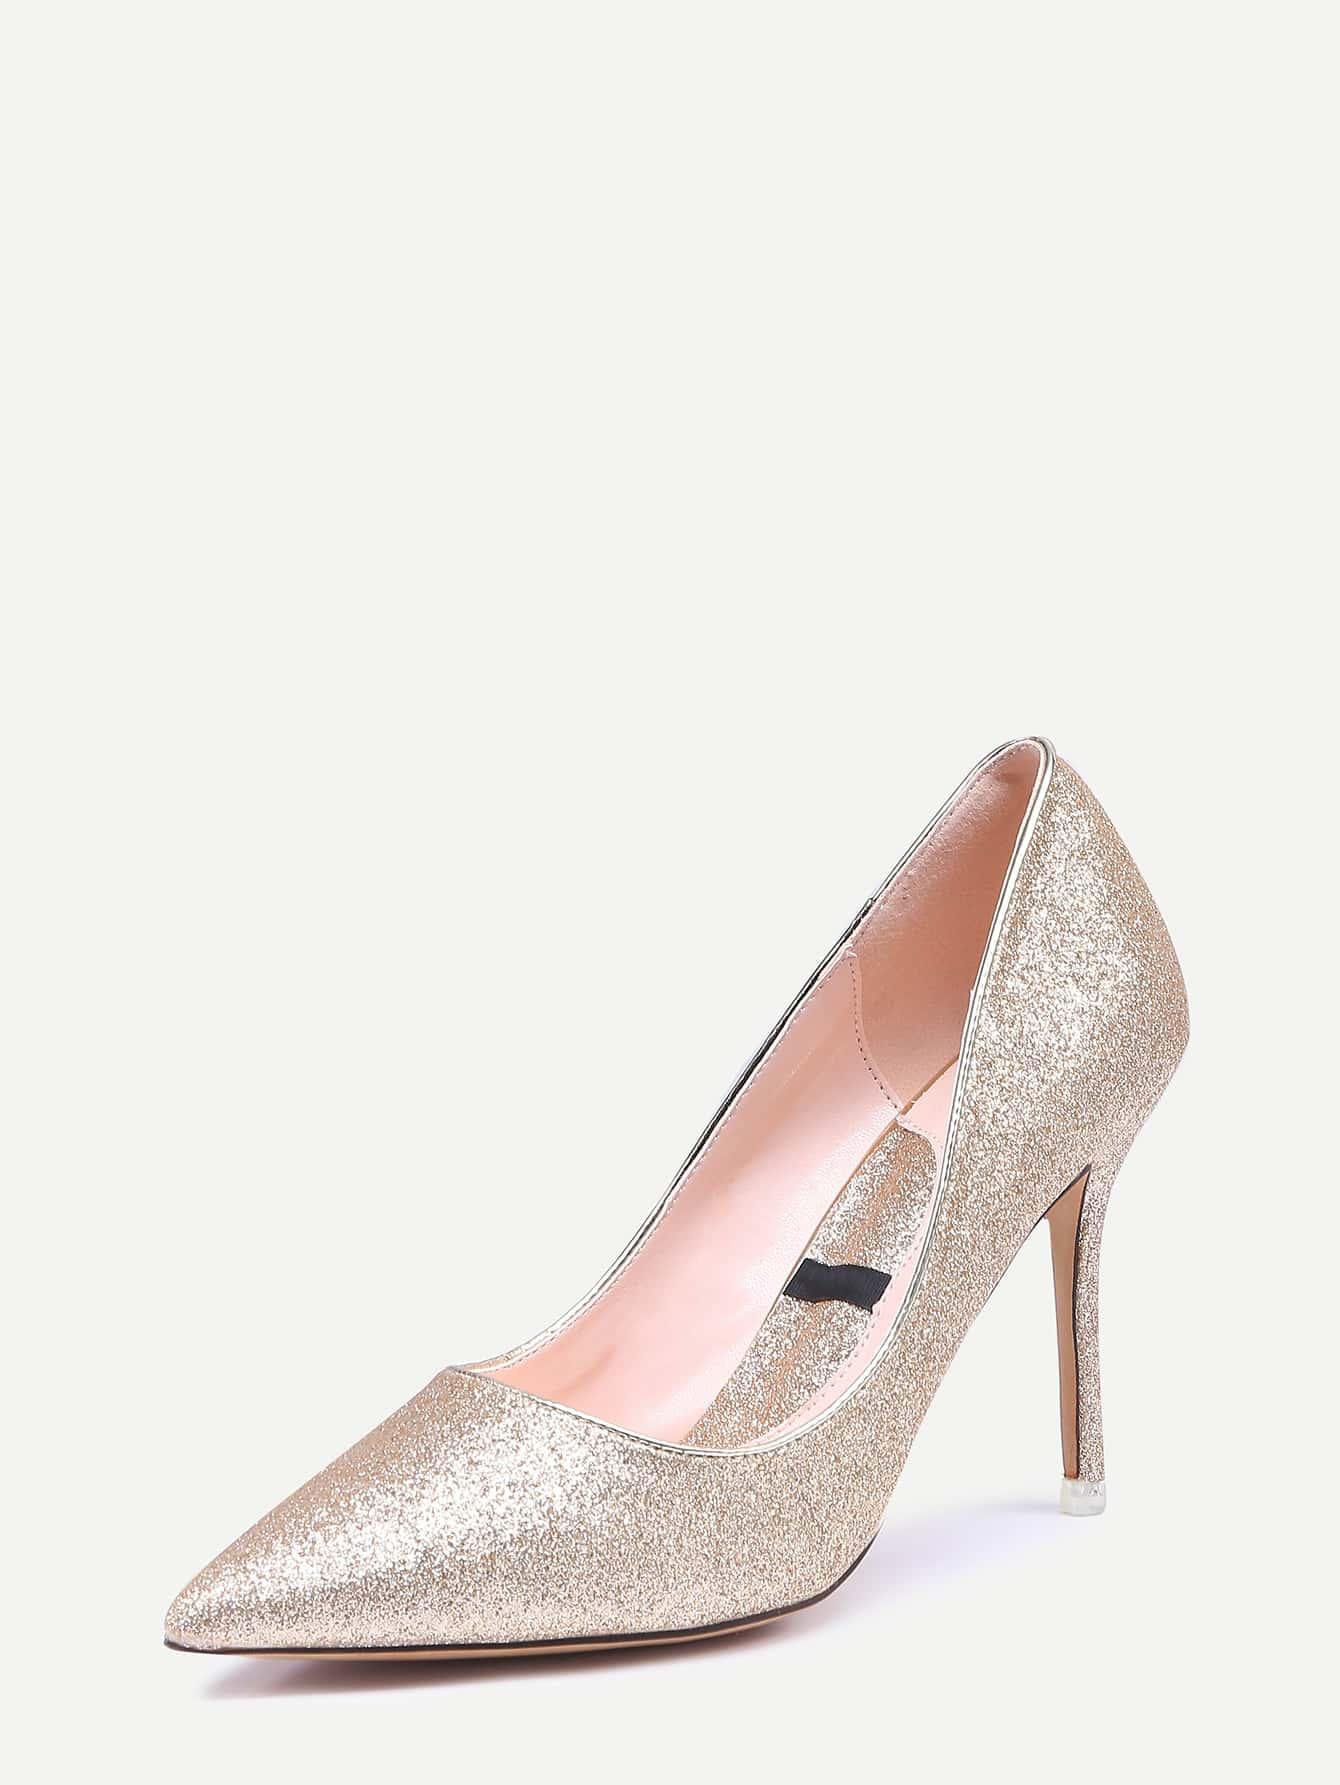 shoes160729809_2